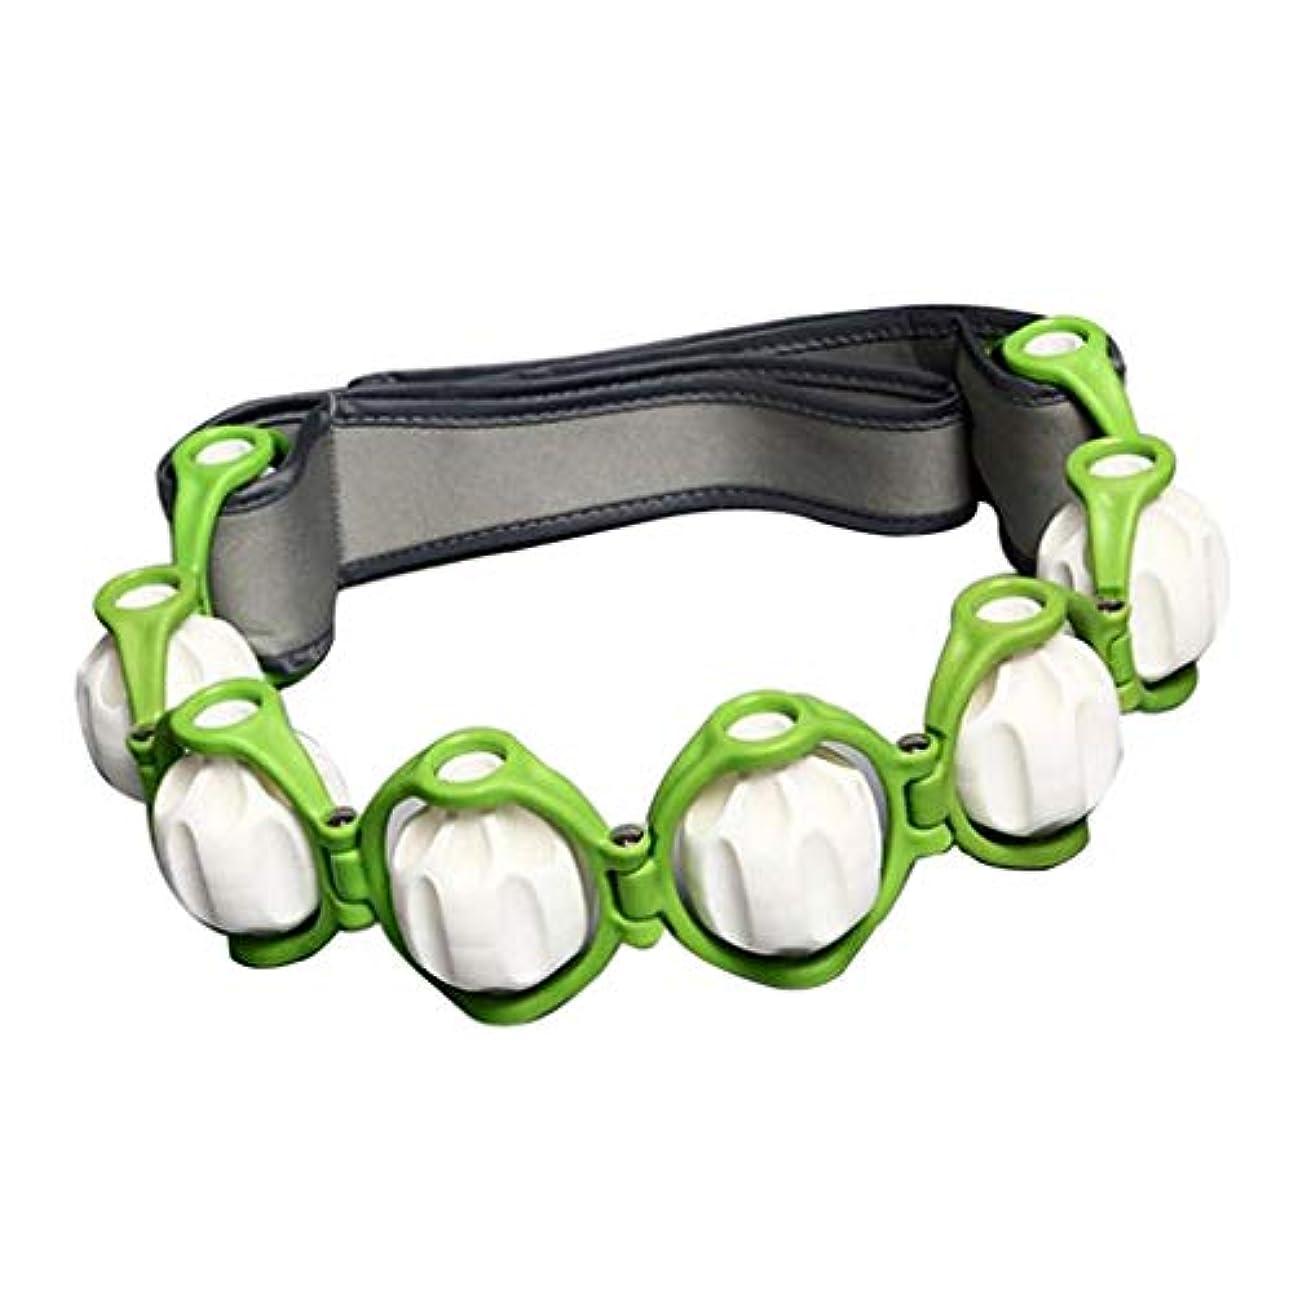 姿を消すひらめき結果としてchiwanji トリガーポイントノードローリングボール付きハンドヘルドフルボディマッサージローラーロープ - 緑, 説明したように